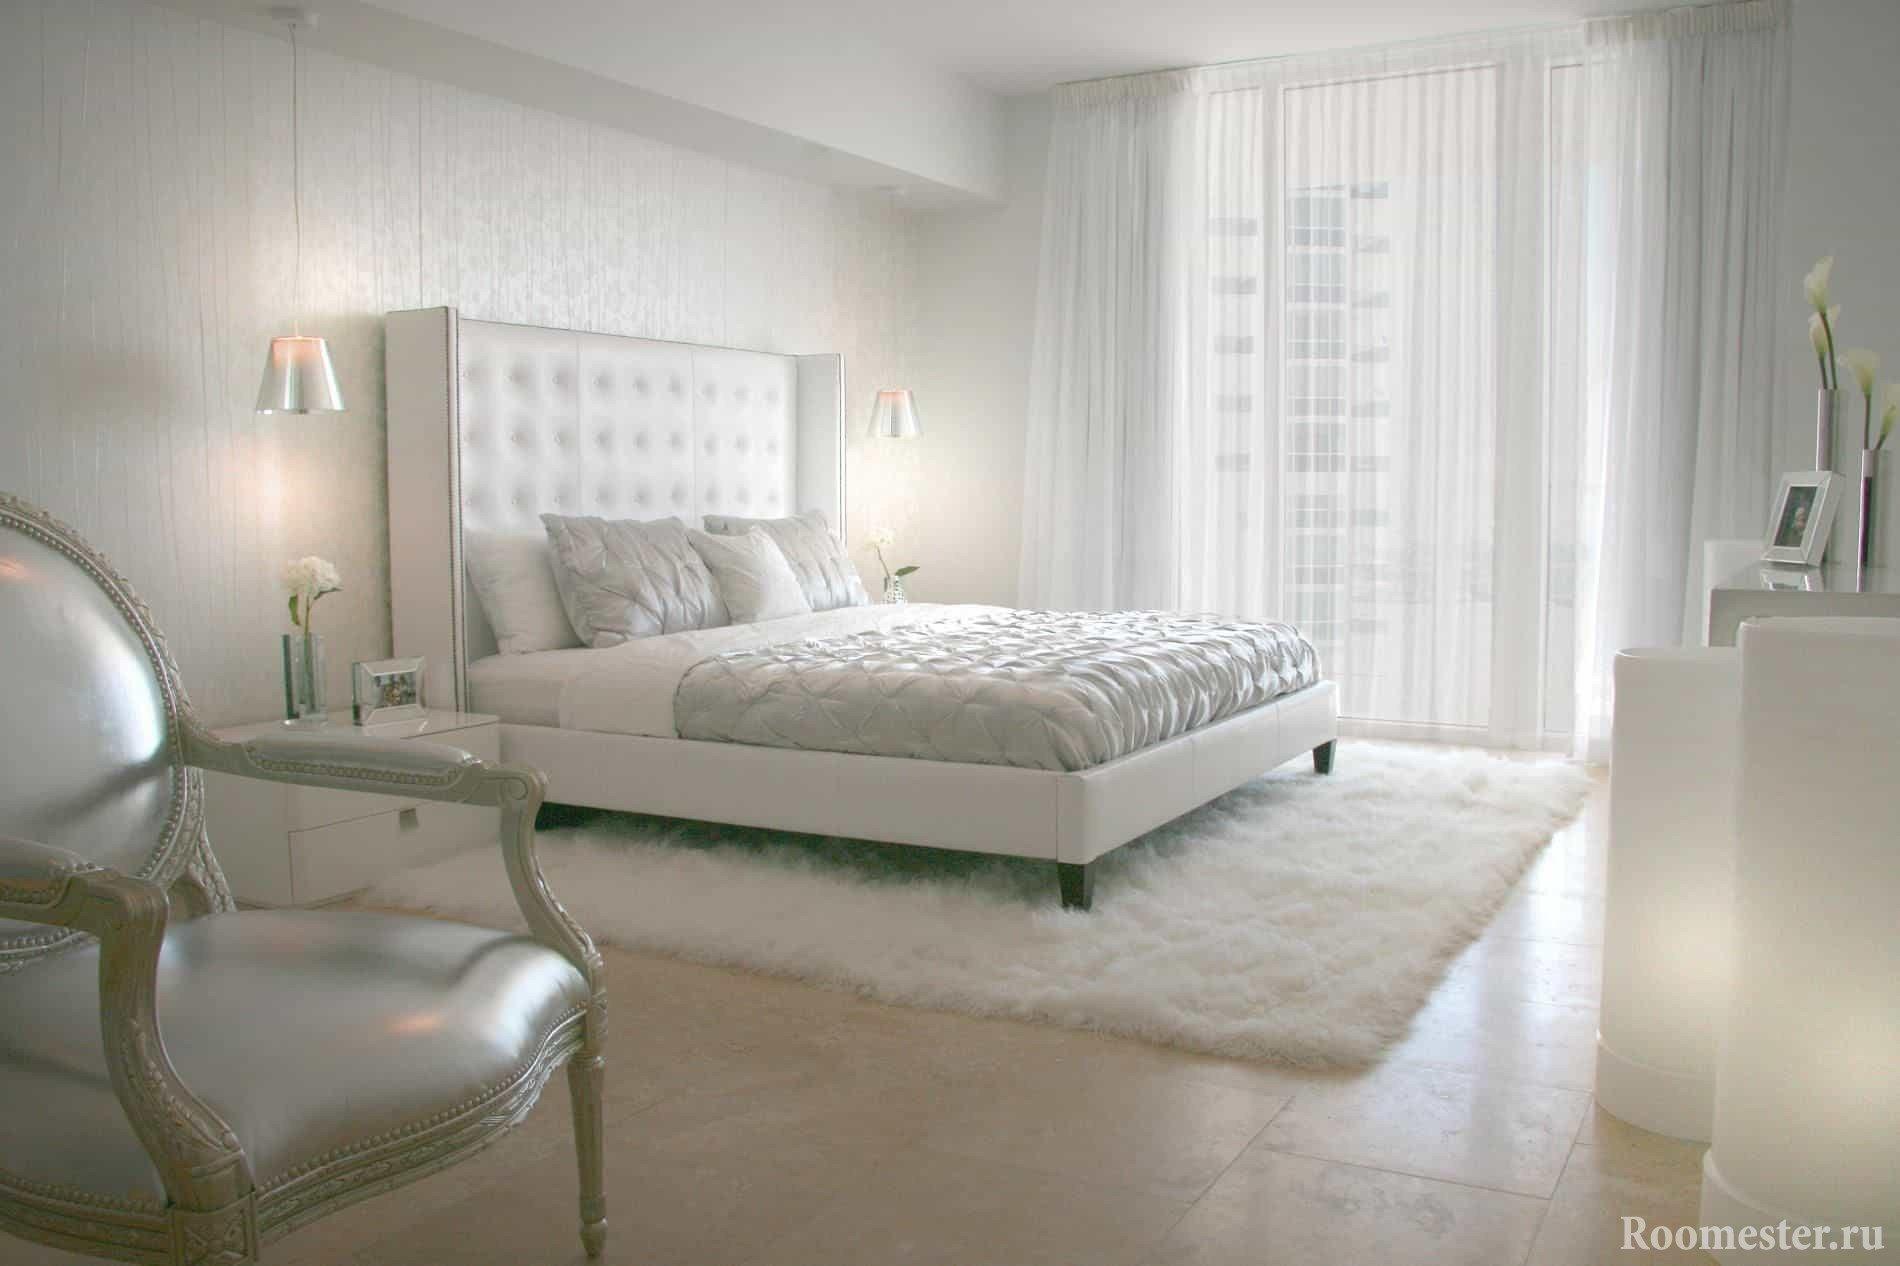 Мебель и фурнитура в одном стиле для классической спальни